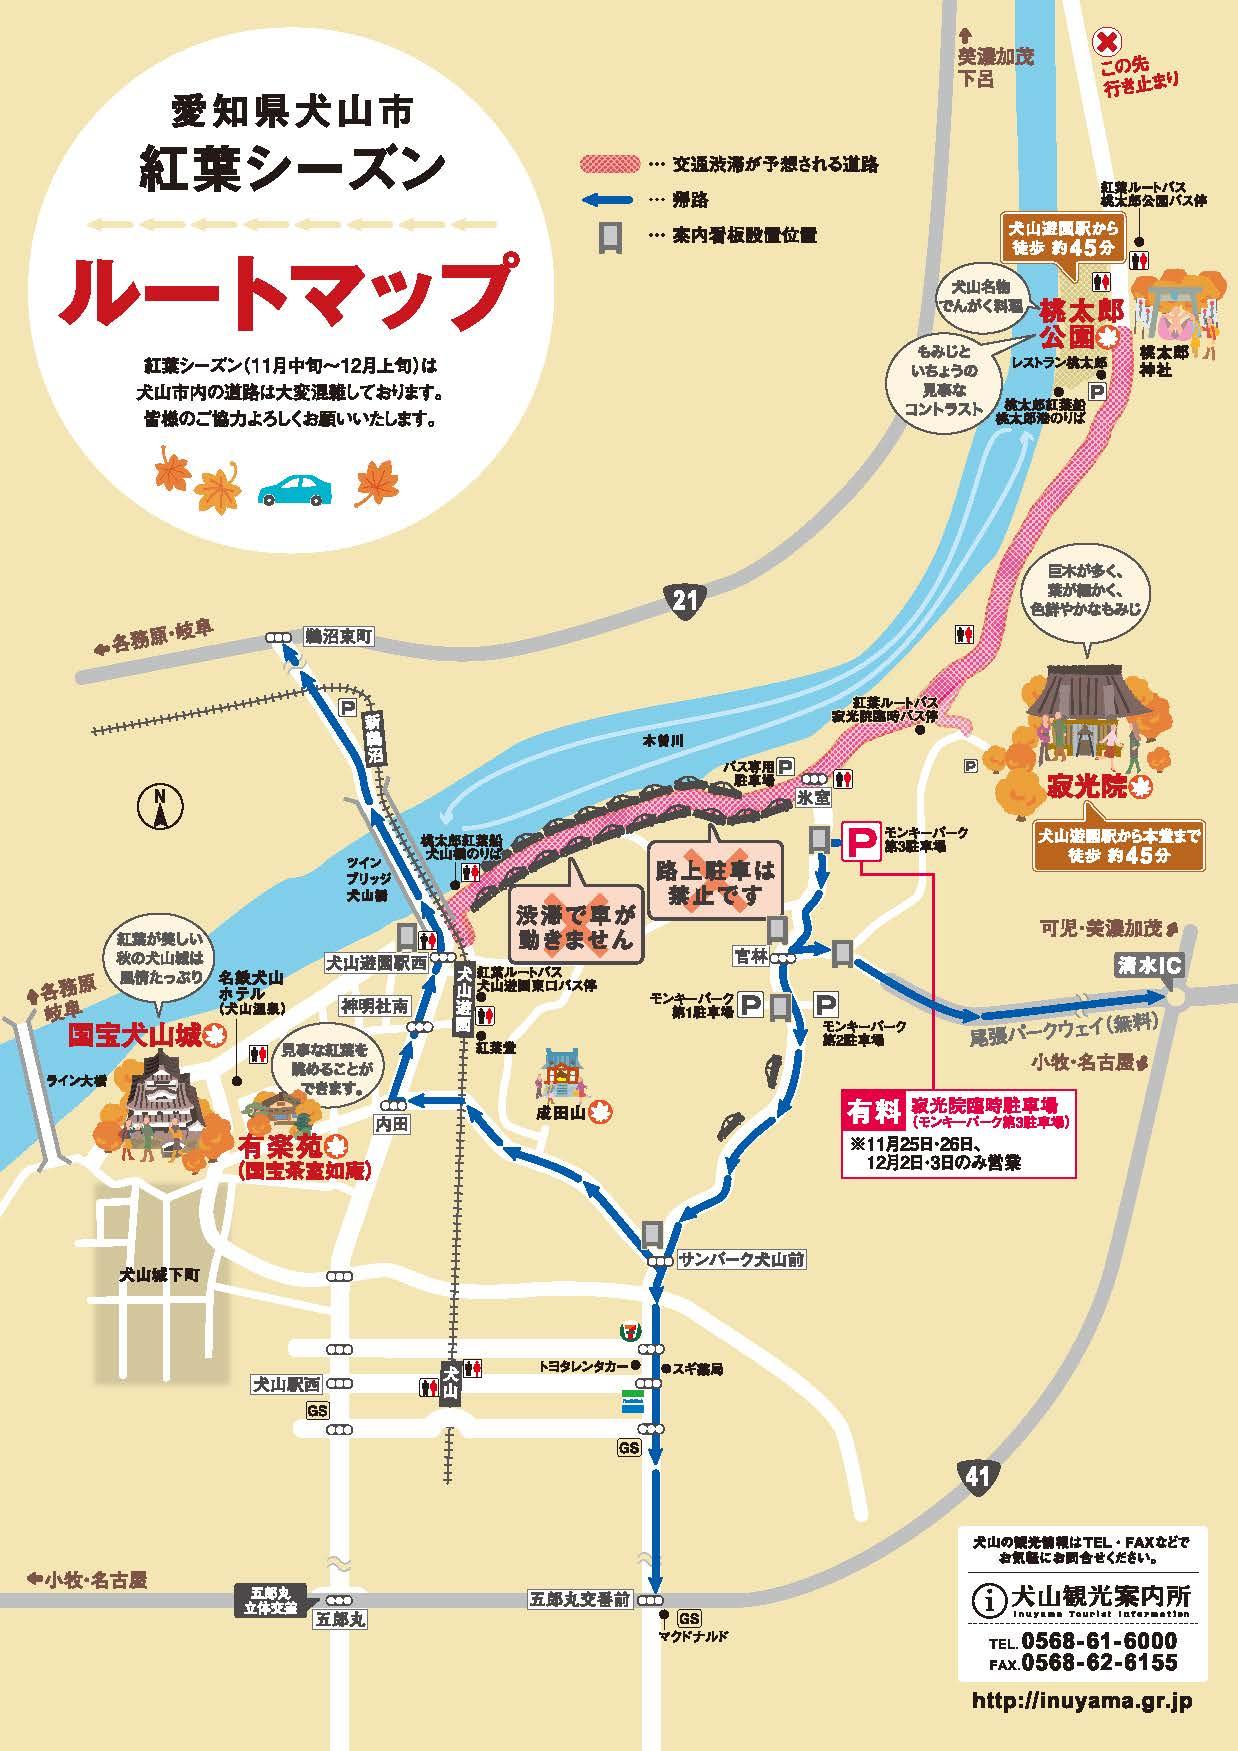 紅葉の名所 « 観光情報カテゴリー « 犬山観光情報